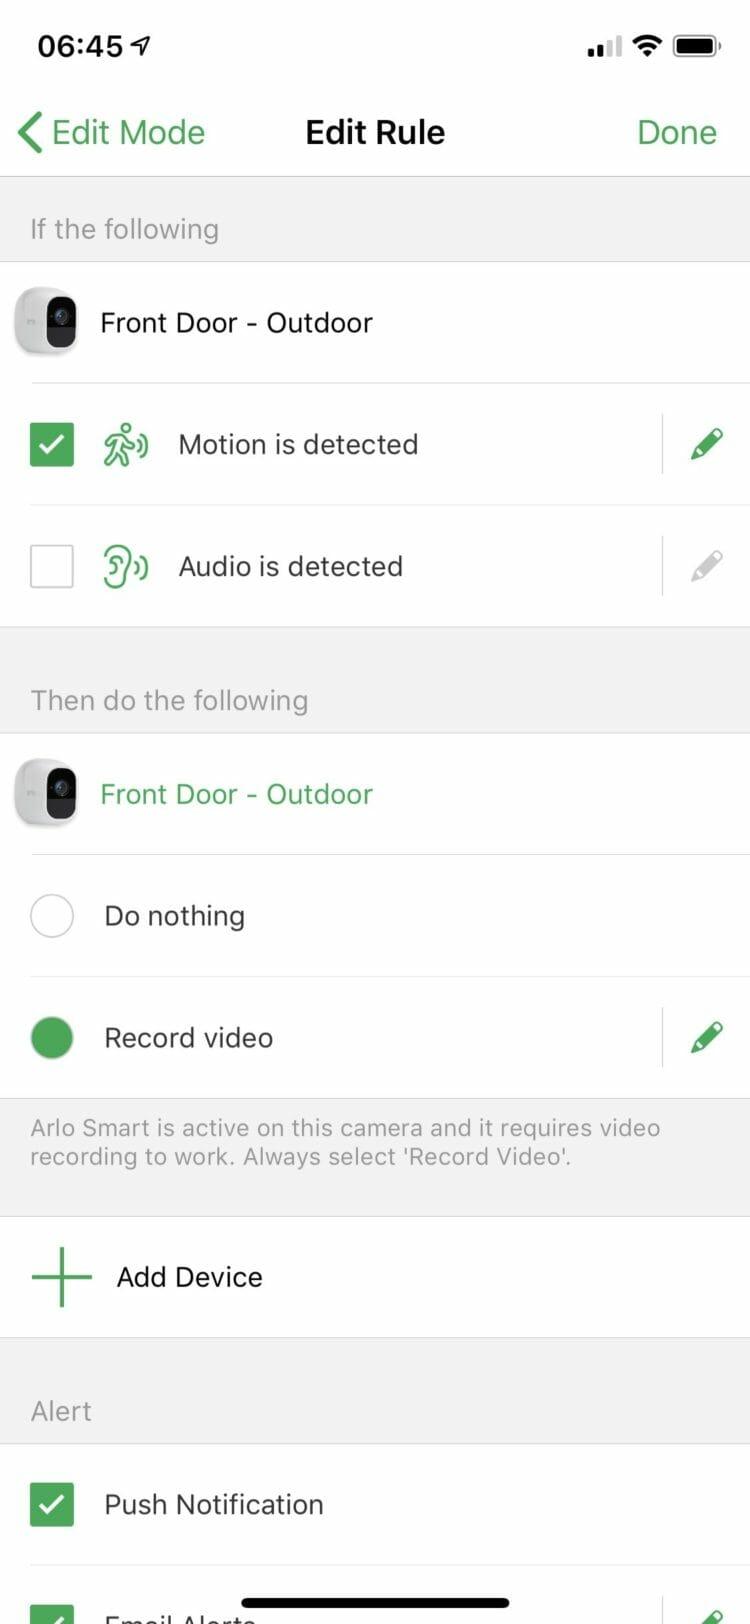 Arlo app - Custom Rules